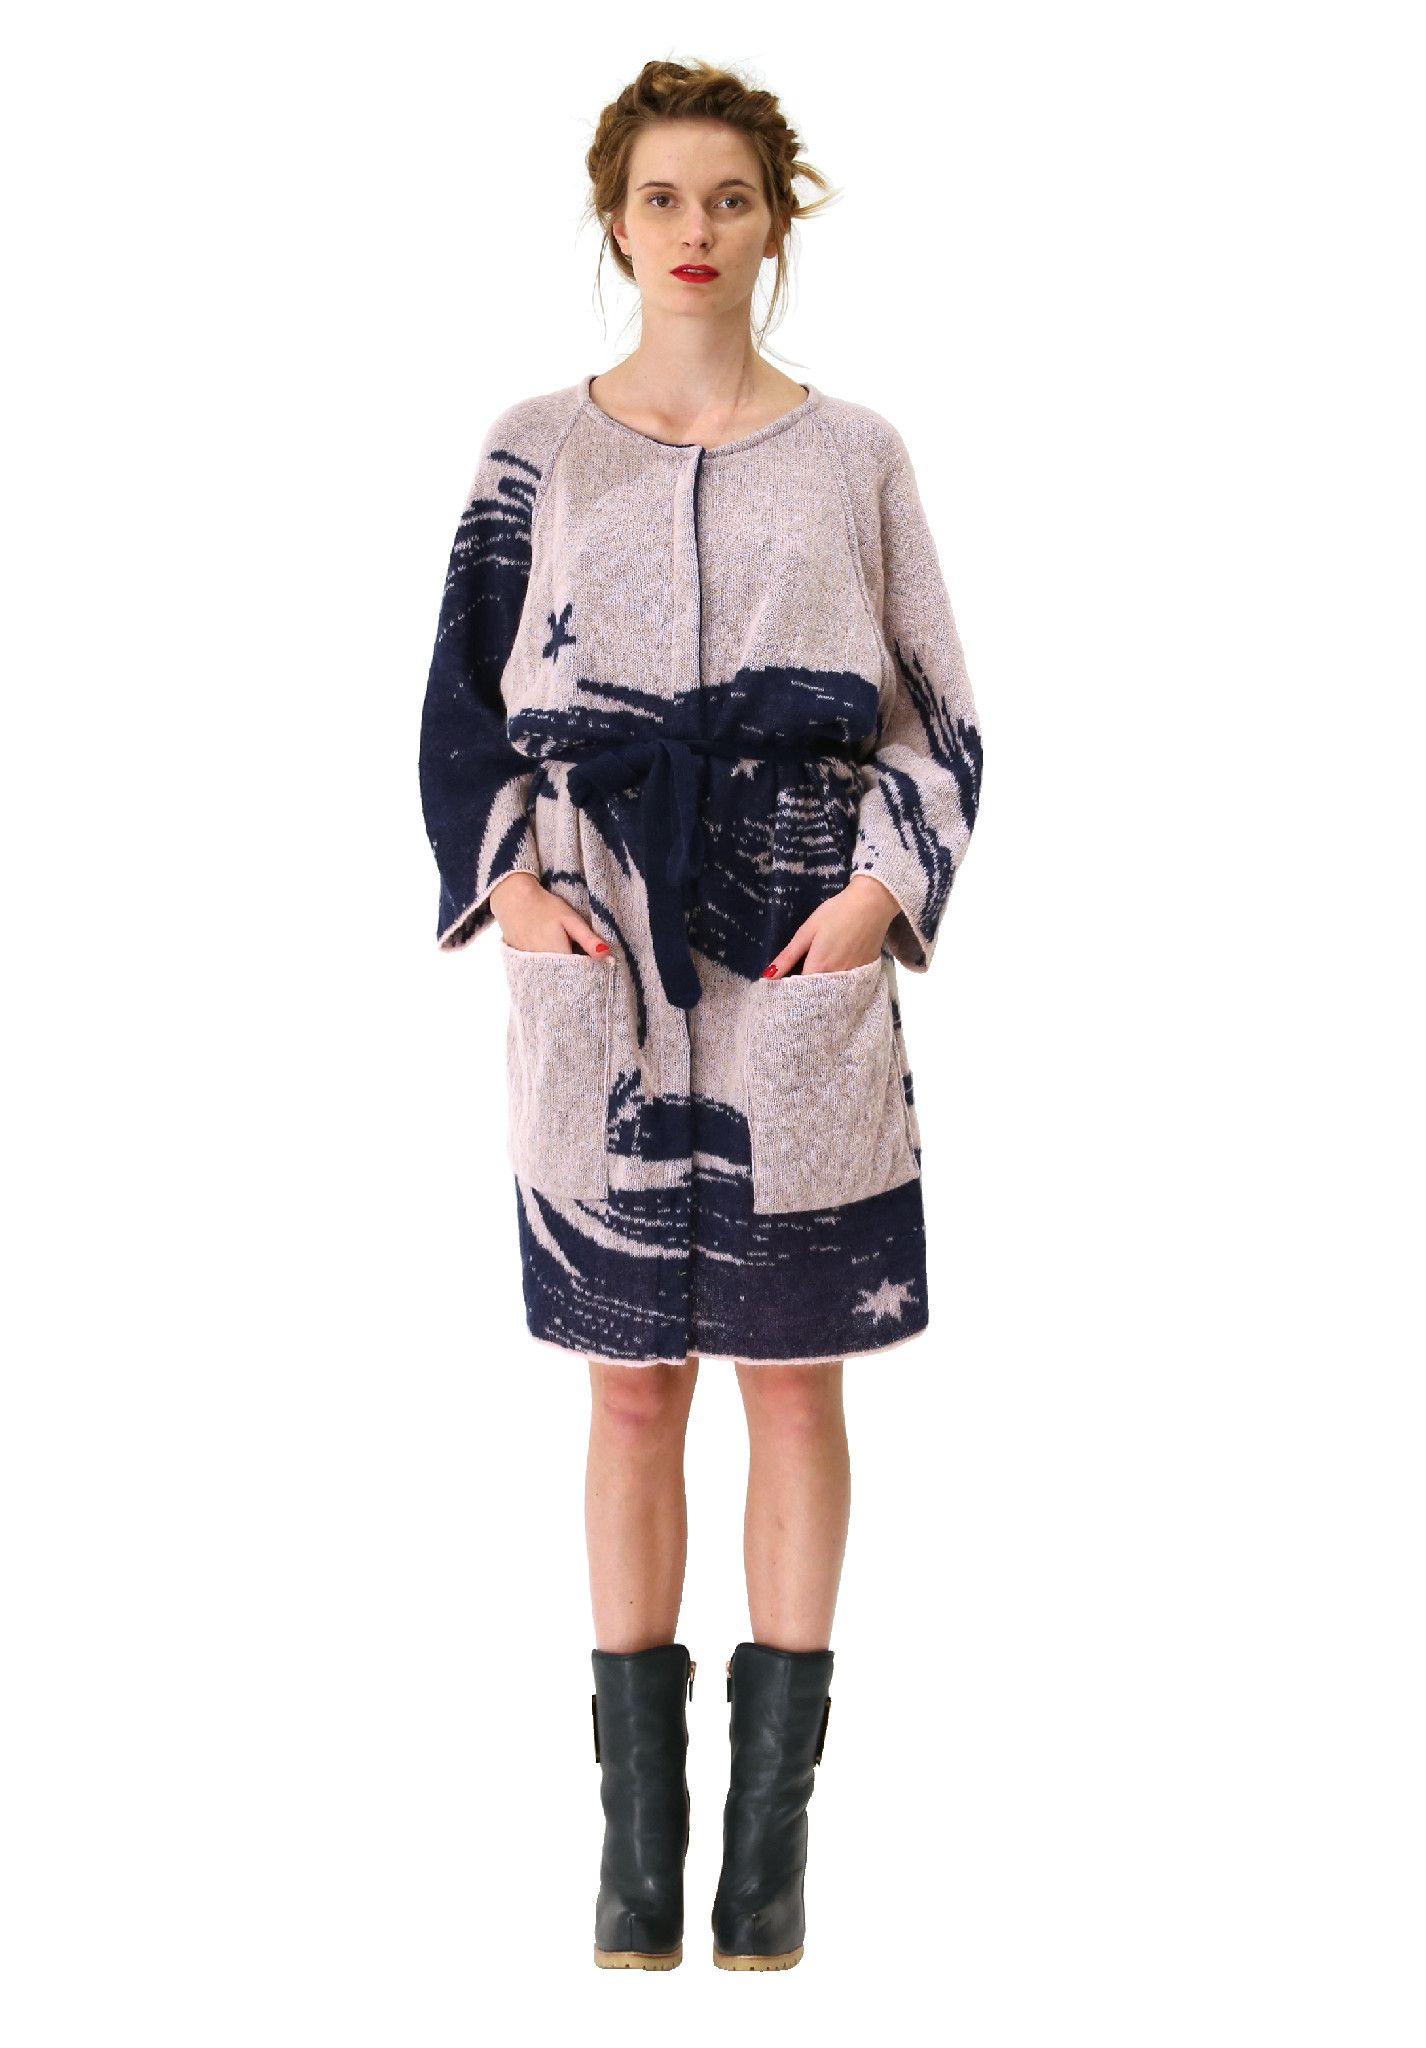 Myrsky knit. Shop: http://shop.ivanahelsinki.com/collections/moomin-by-ivana-helsinki/products/myrksy